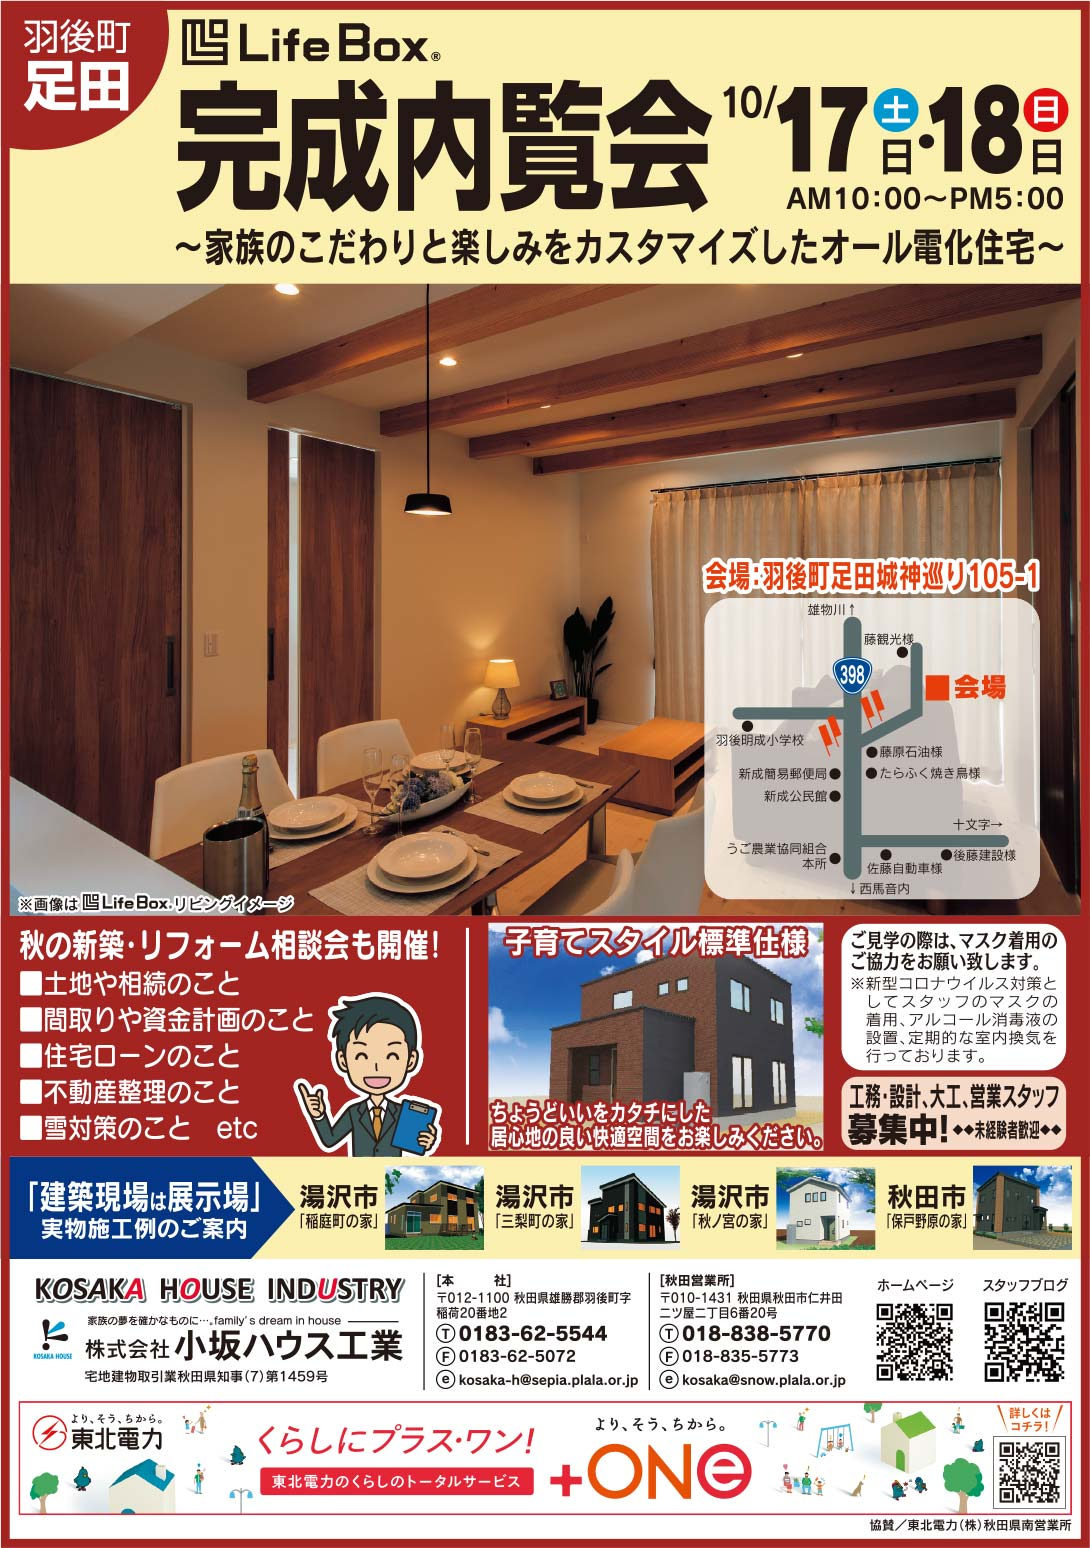 株式会社小坂ハウス工業 様